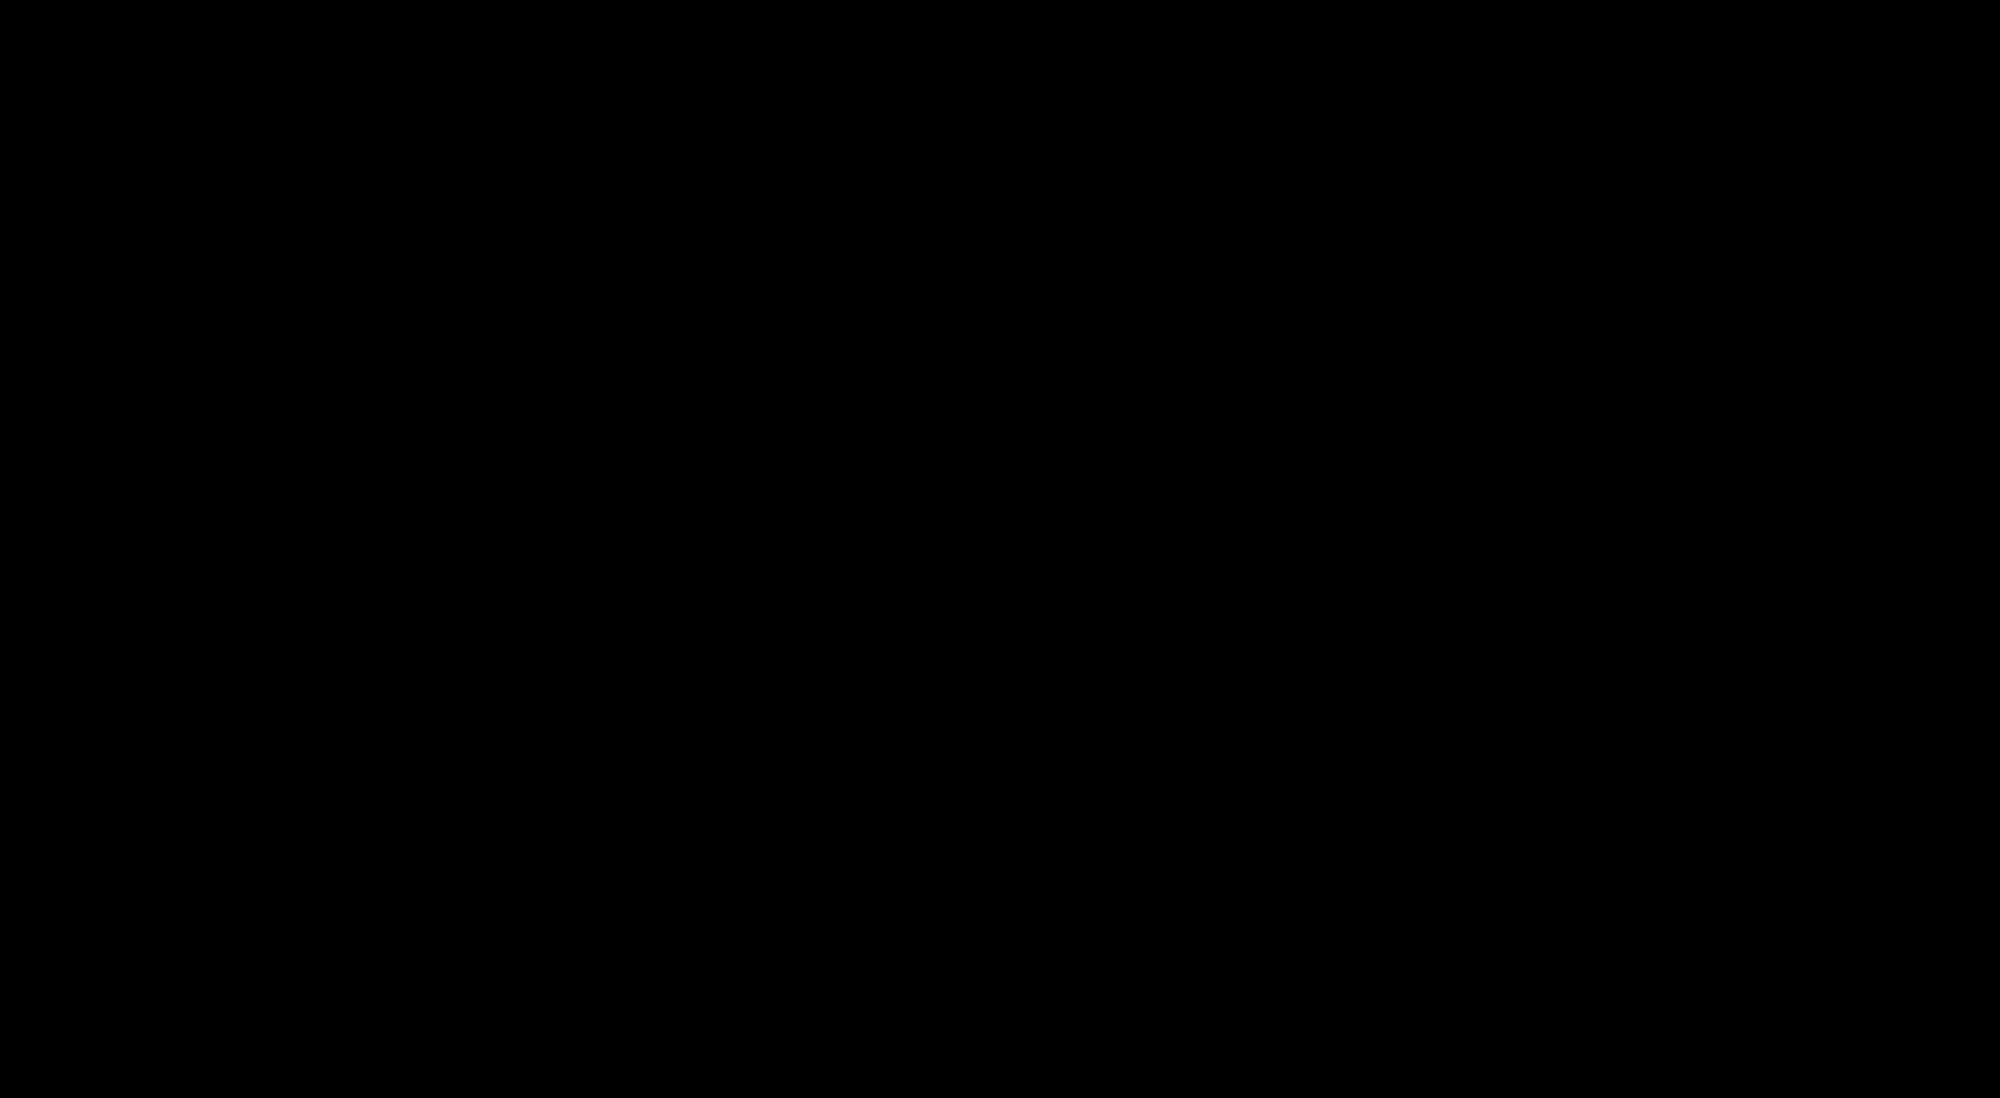 2018-Corp-wTag-Black-L